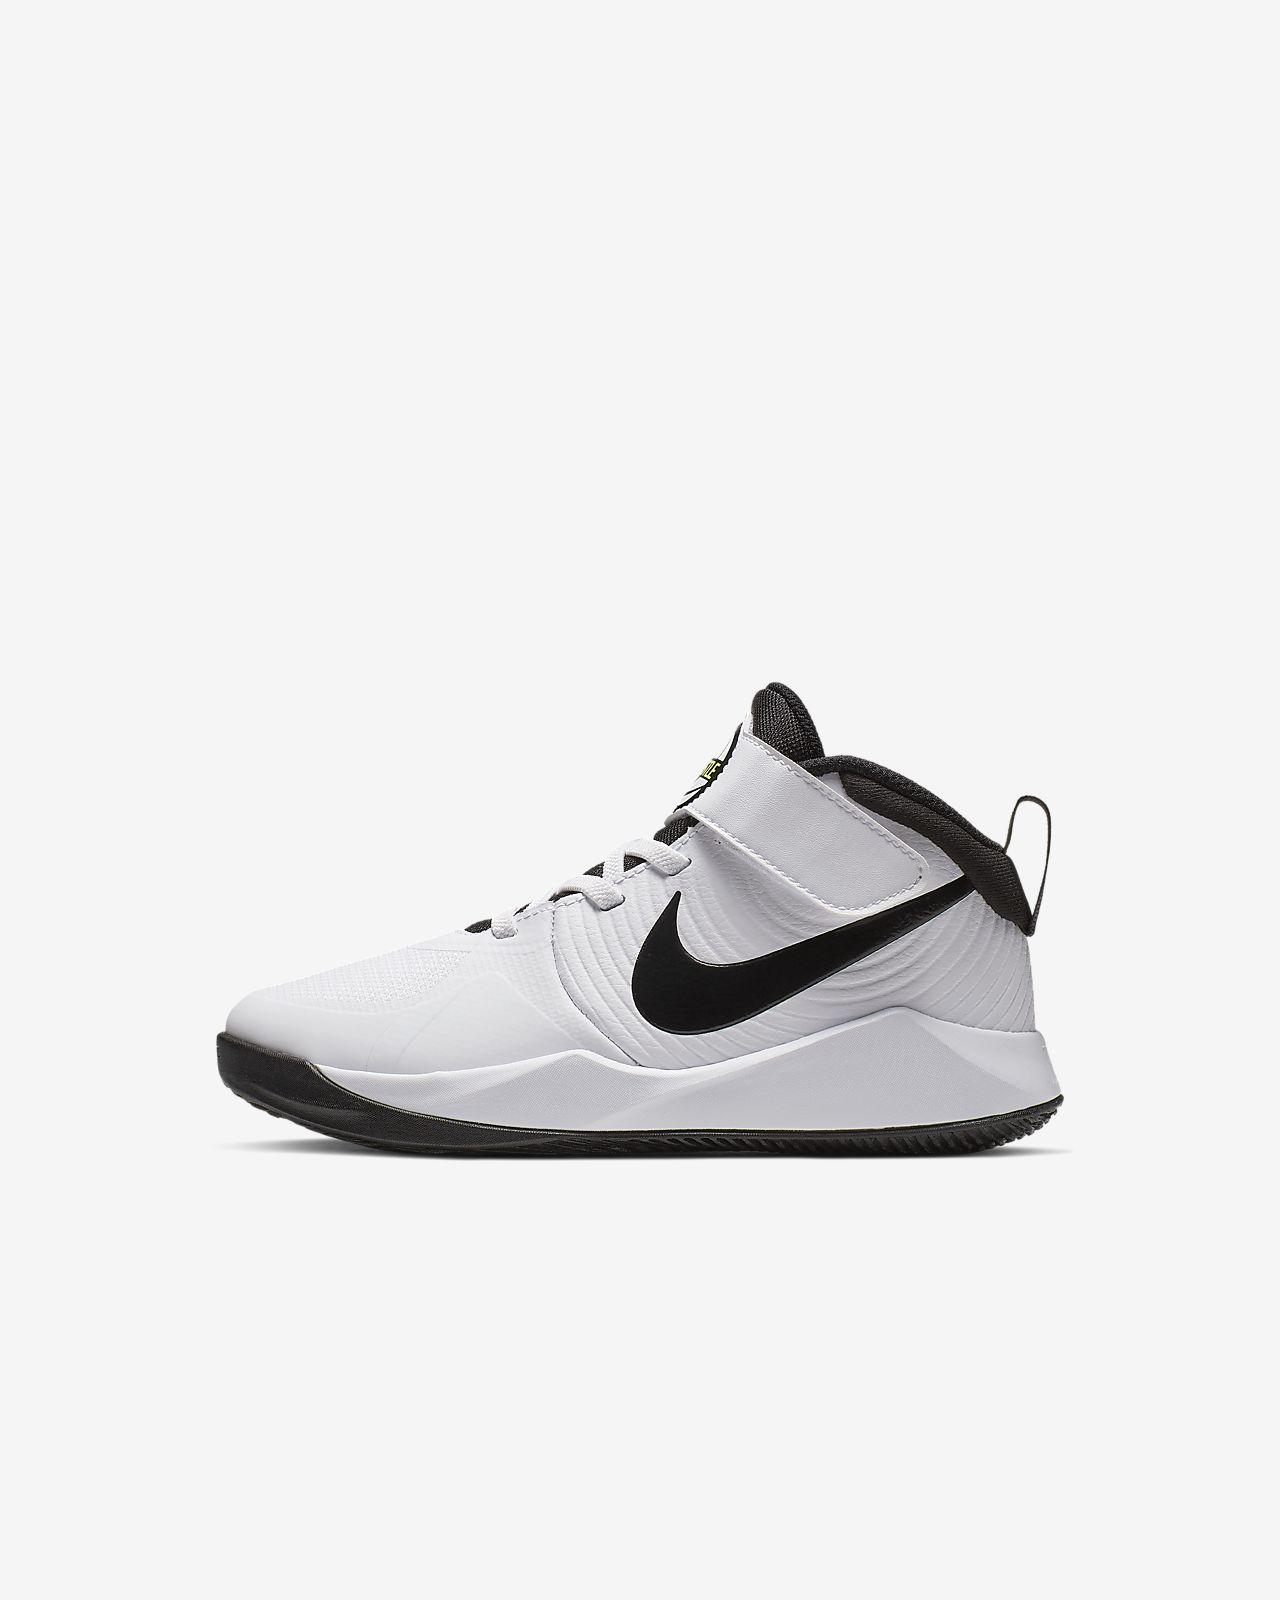 Nike Team Hustle D 9 Schuh für jüngere Kinder